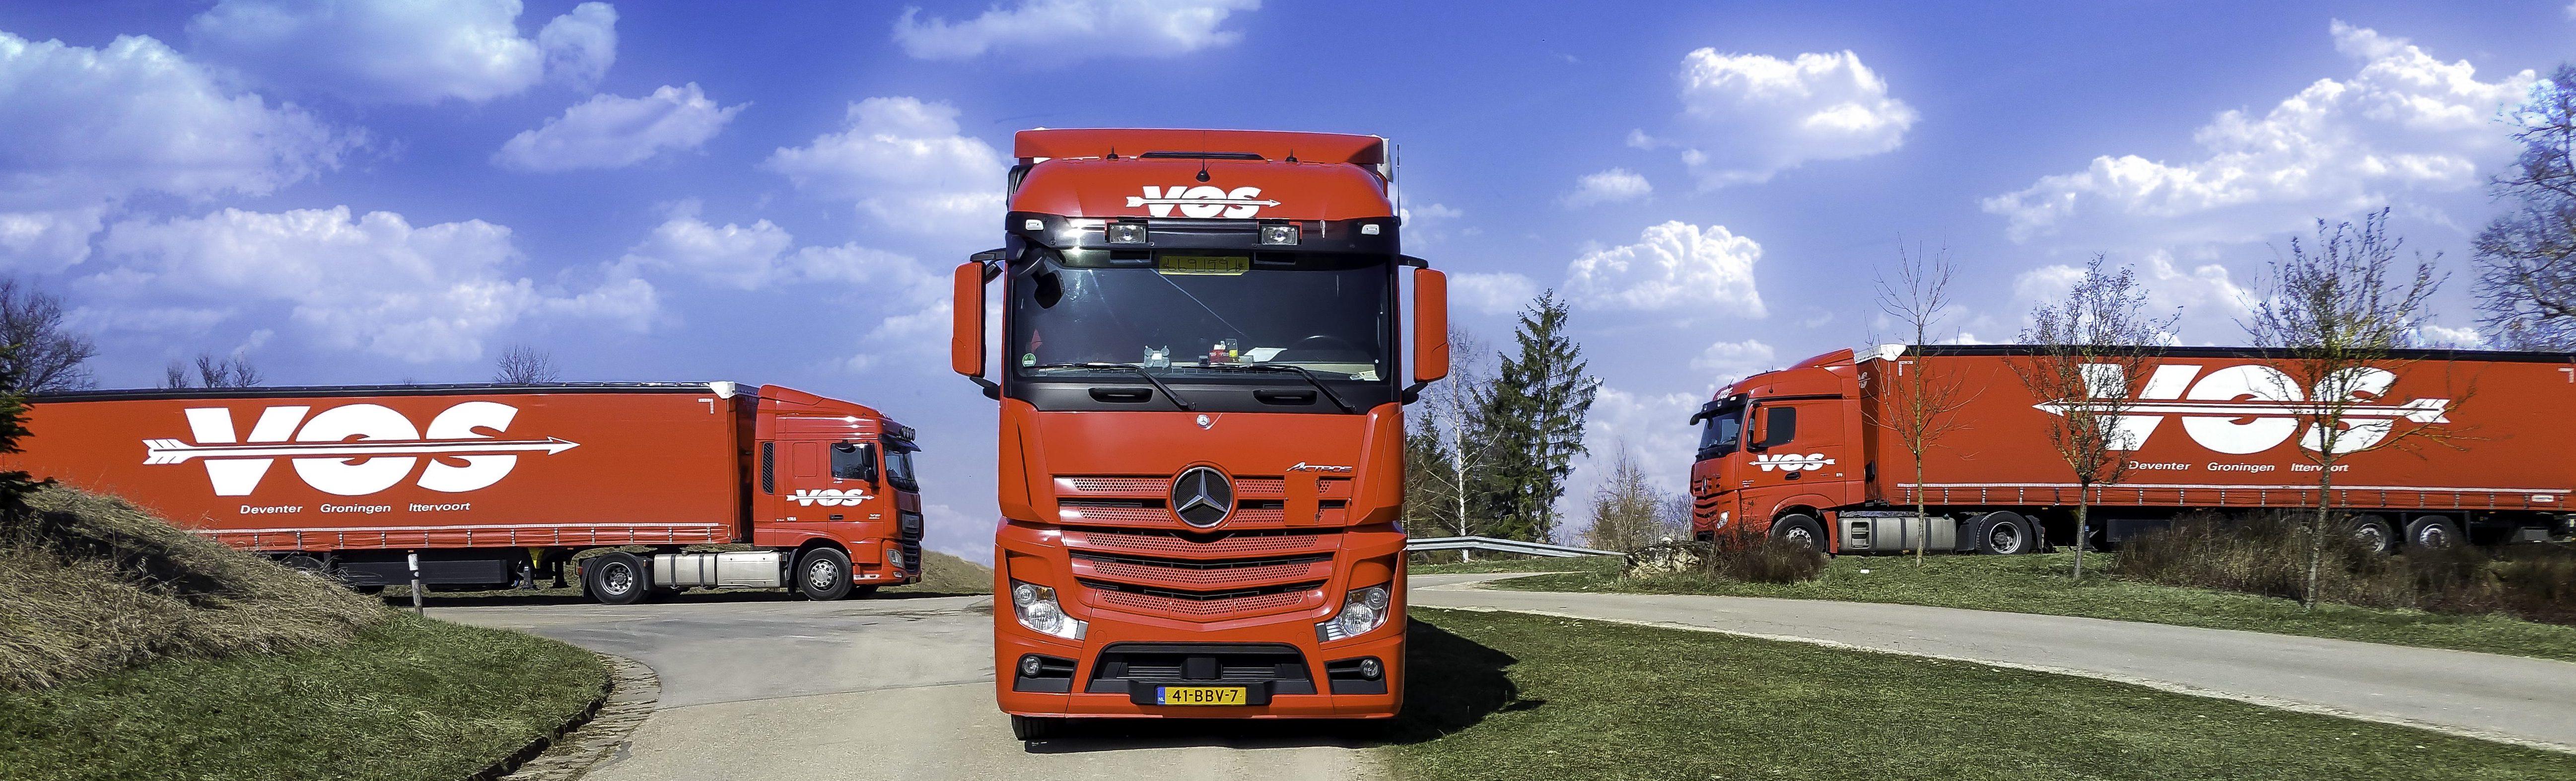 Contactgegevens Vos Transport